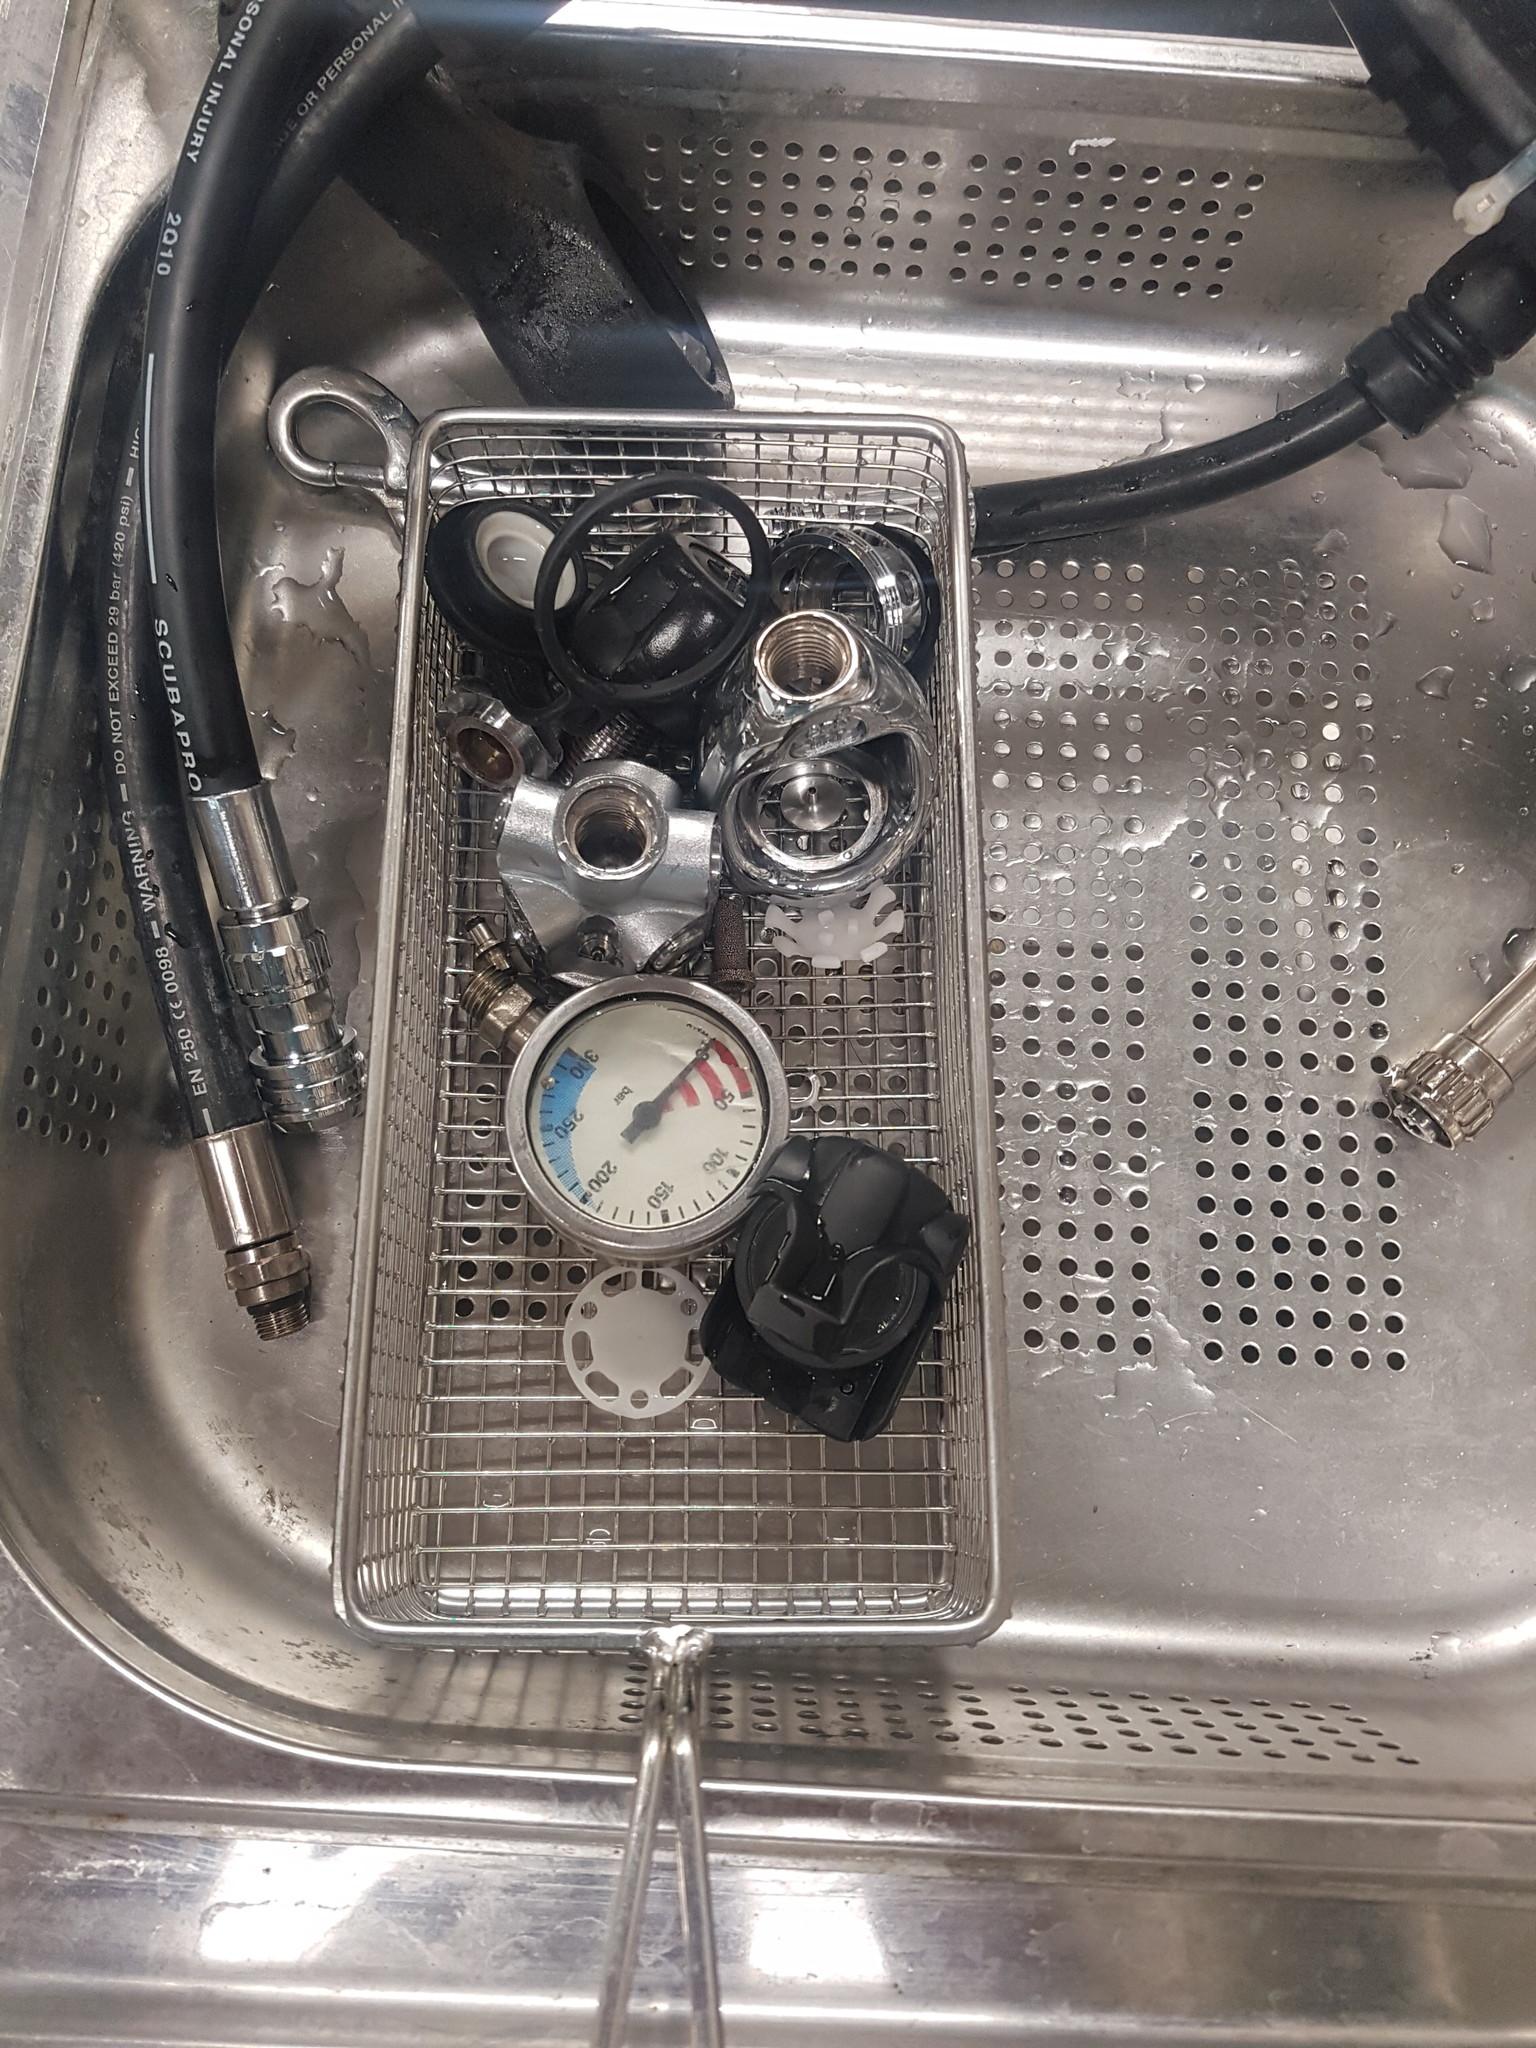 Adem automatenset tijdens onderhoud in ultrasoon bad